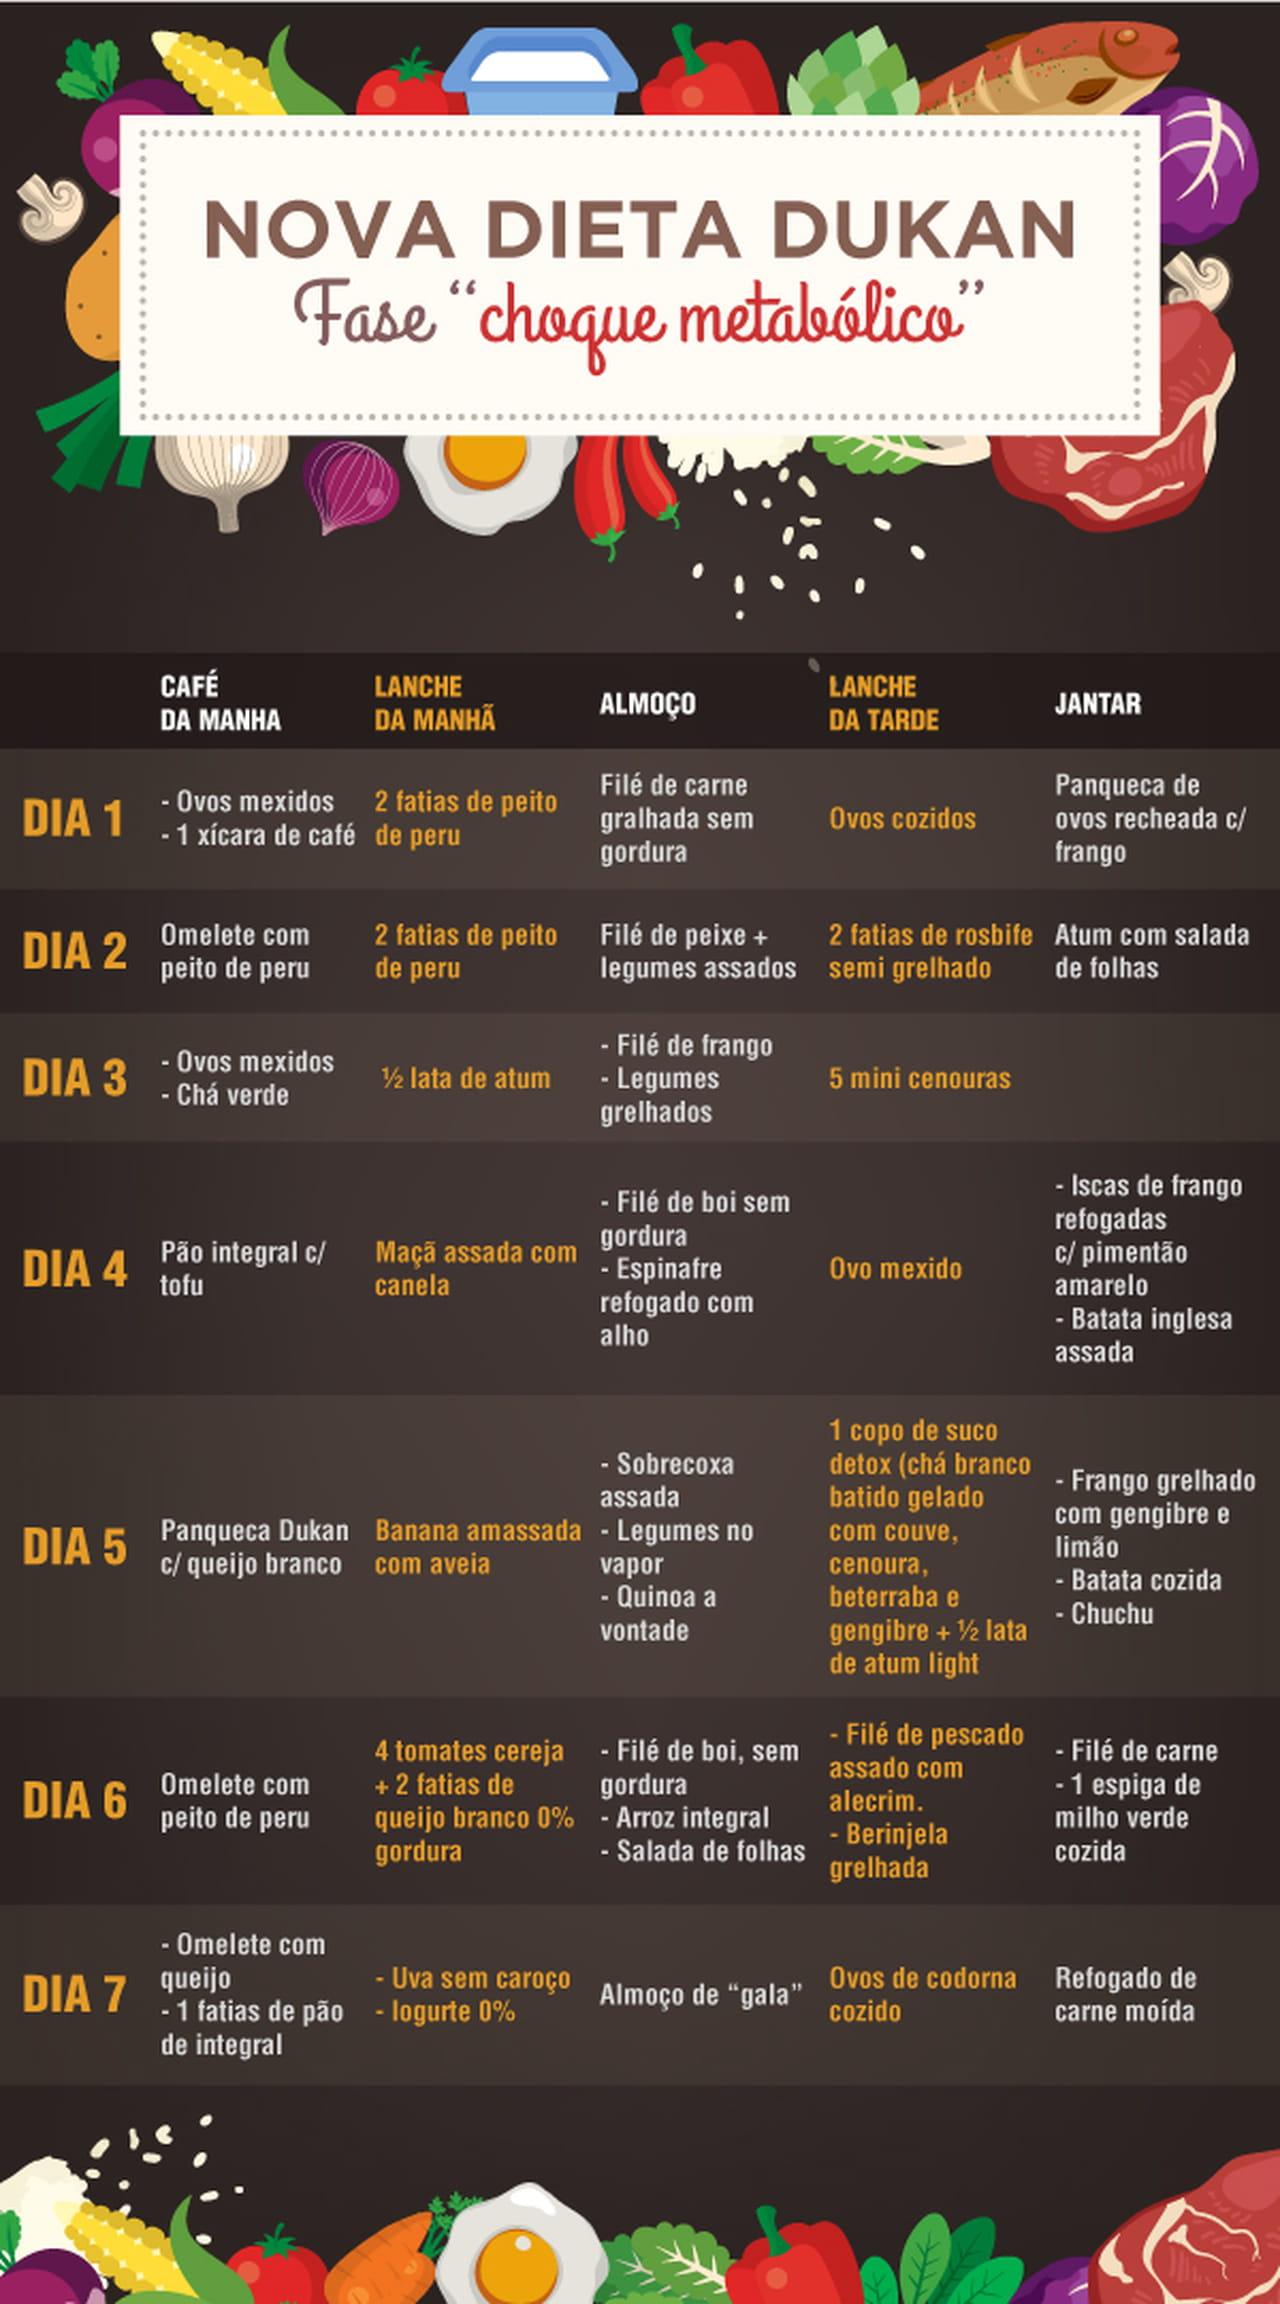 Nova Dieta Dukan Confira O Passo A Passo E Sugestao De Cardapio